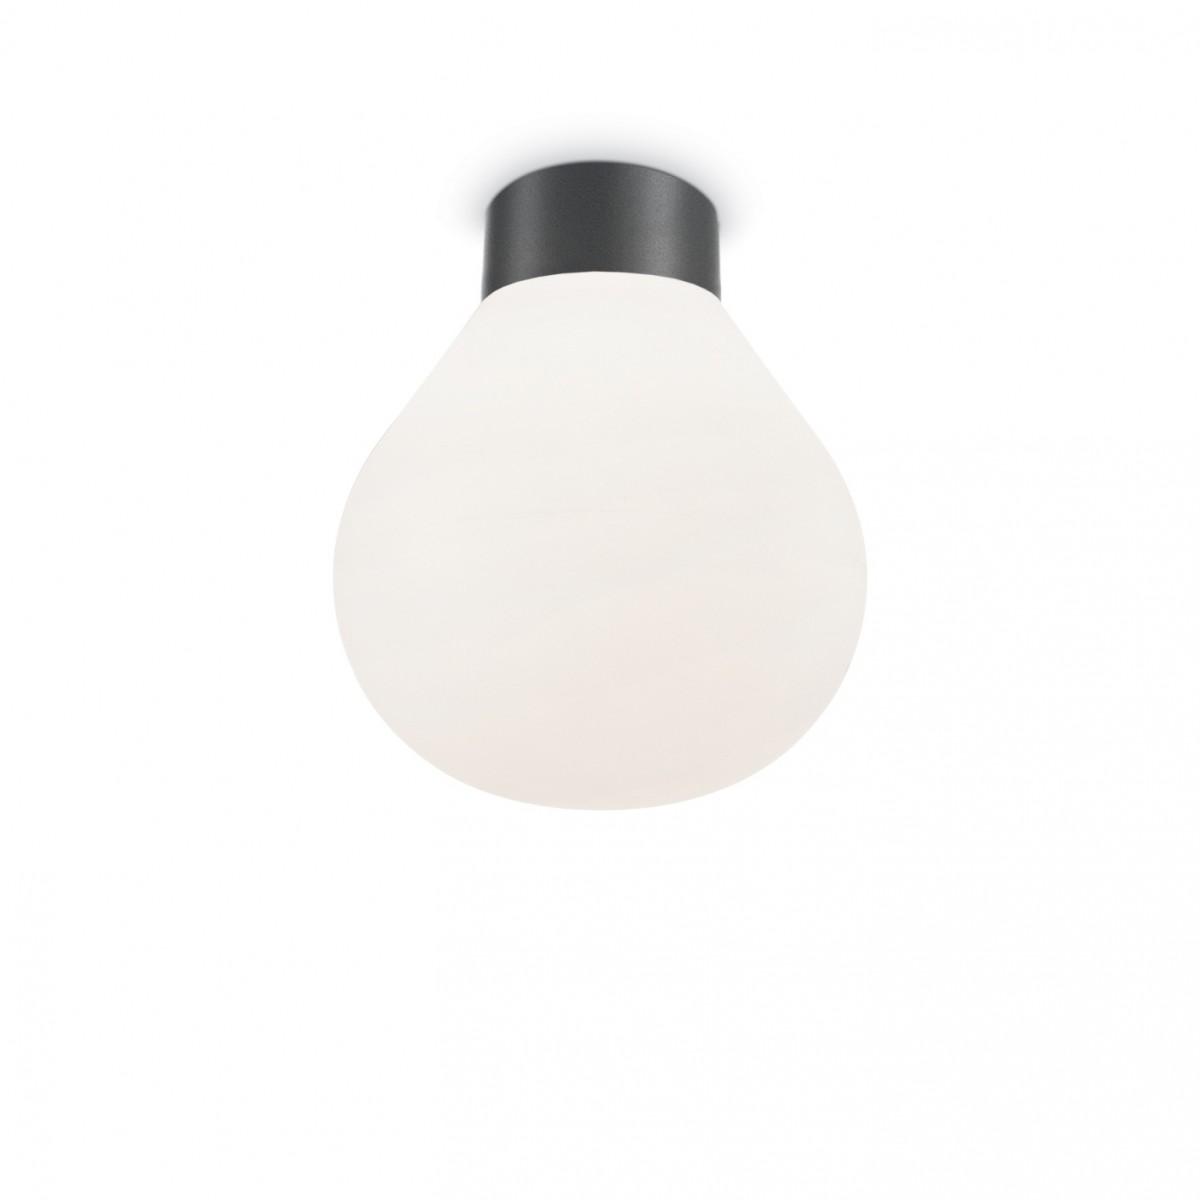 venkovní stropní lampa Ideal Lux Clio PL1 149875 1x60W E27 - komplexní osvětlení exterieru